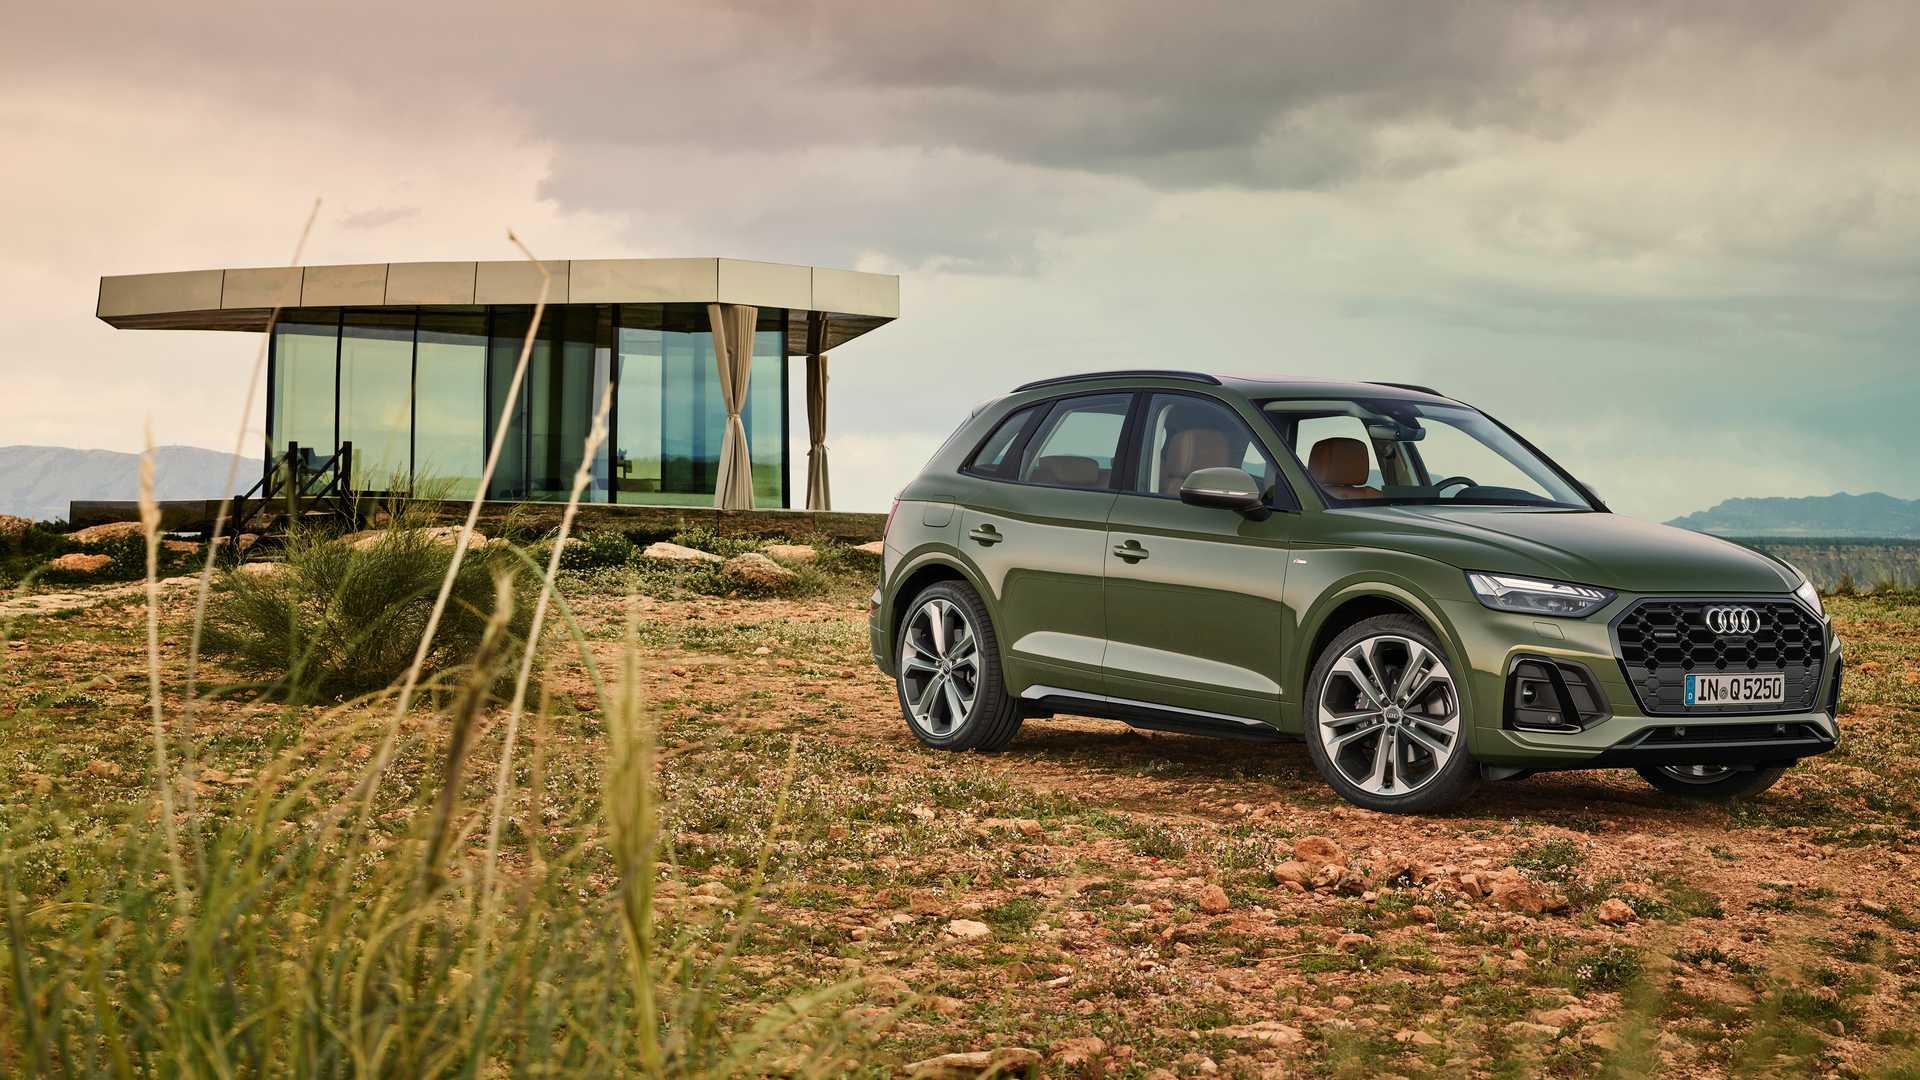 Представлен рестайлинговый Audi Q5: кроссовер получил увеличенную решётку радиатора, крупные воздухозаборники, новую графику фар и так далее.